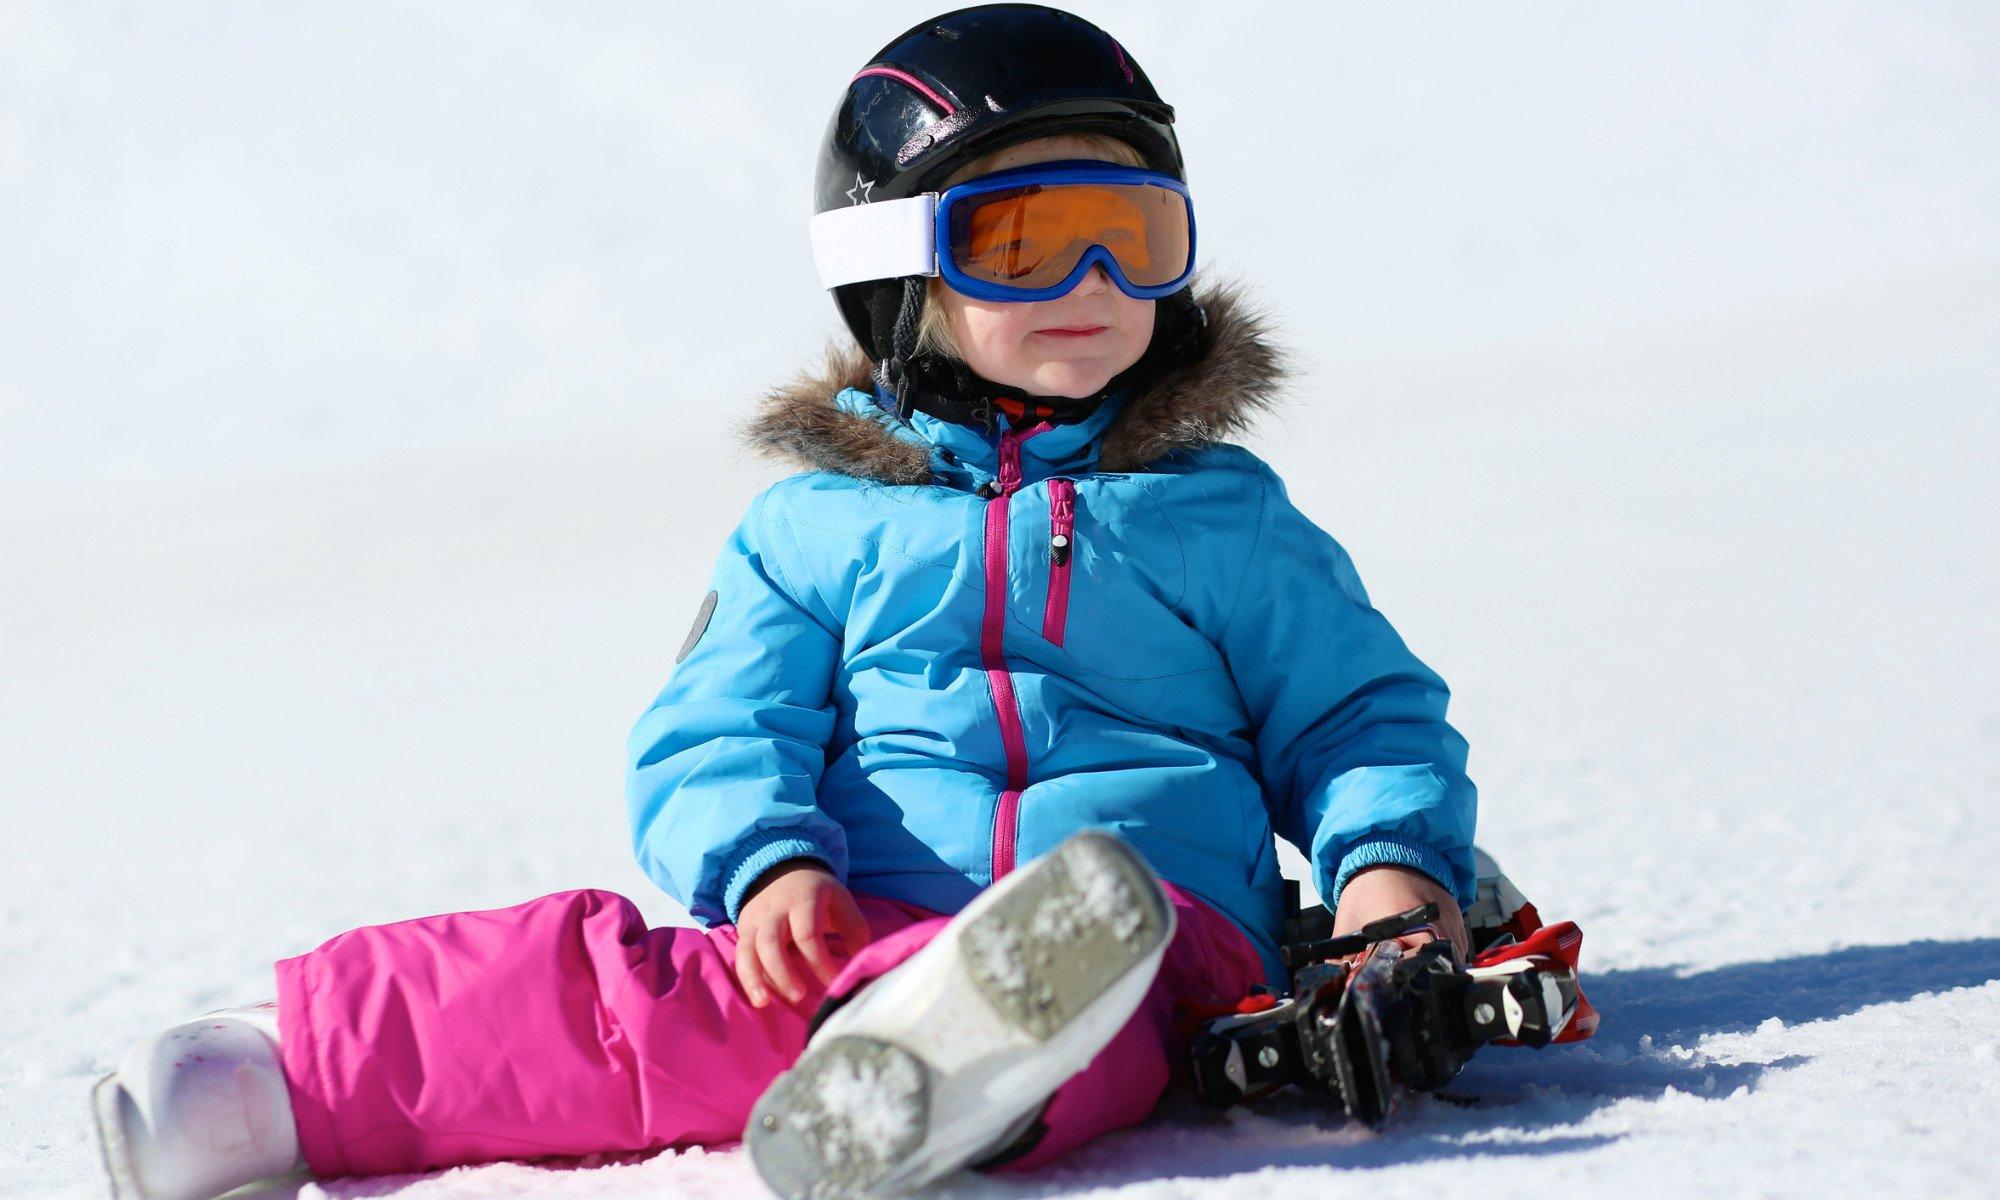 Una bambina è seduta sulla neve e tiene gli sci in mano.